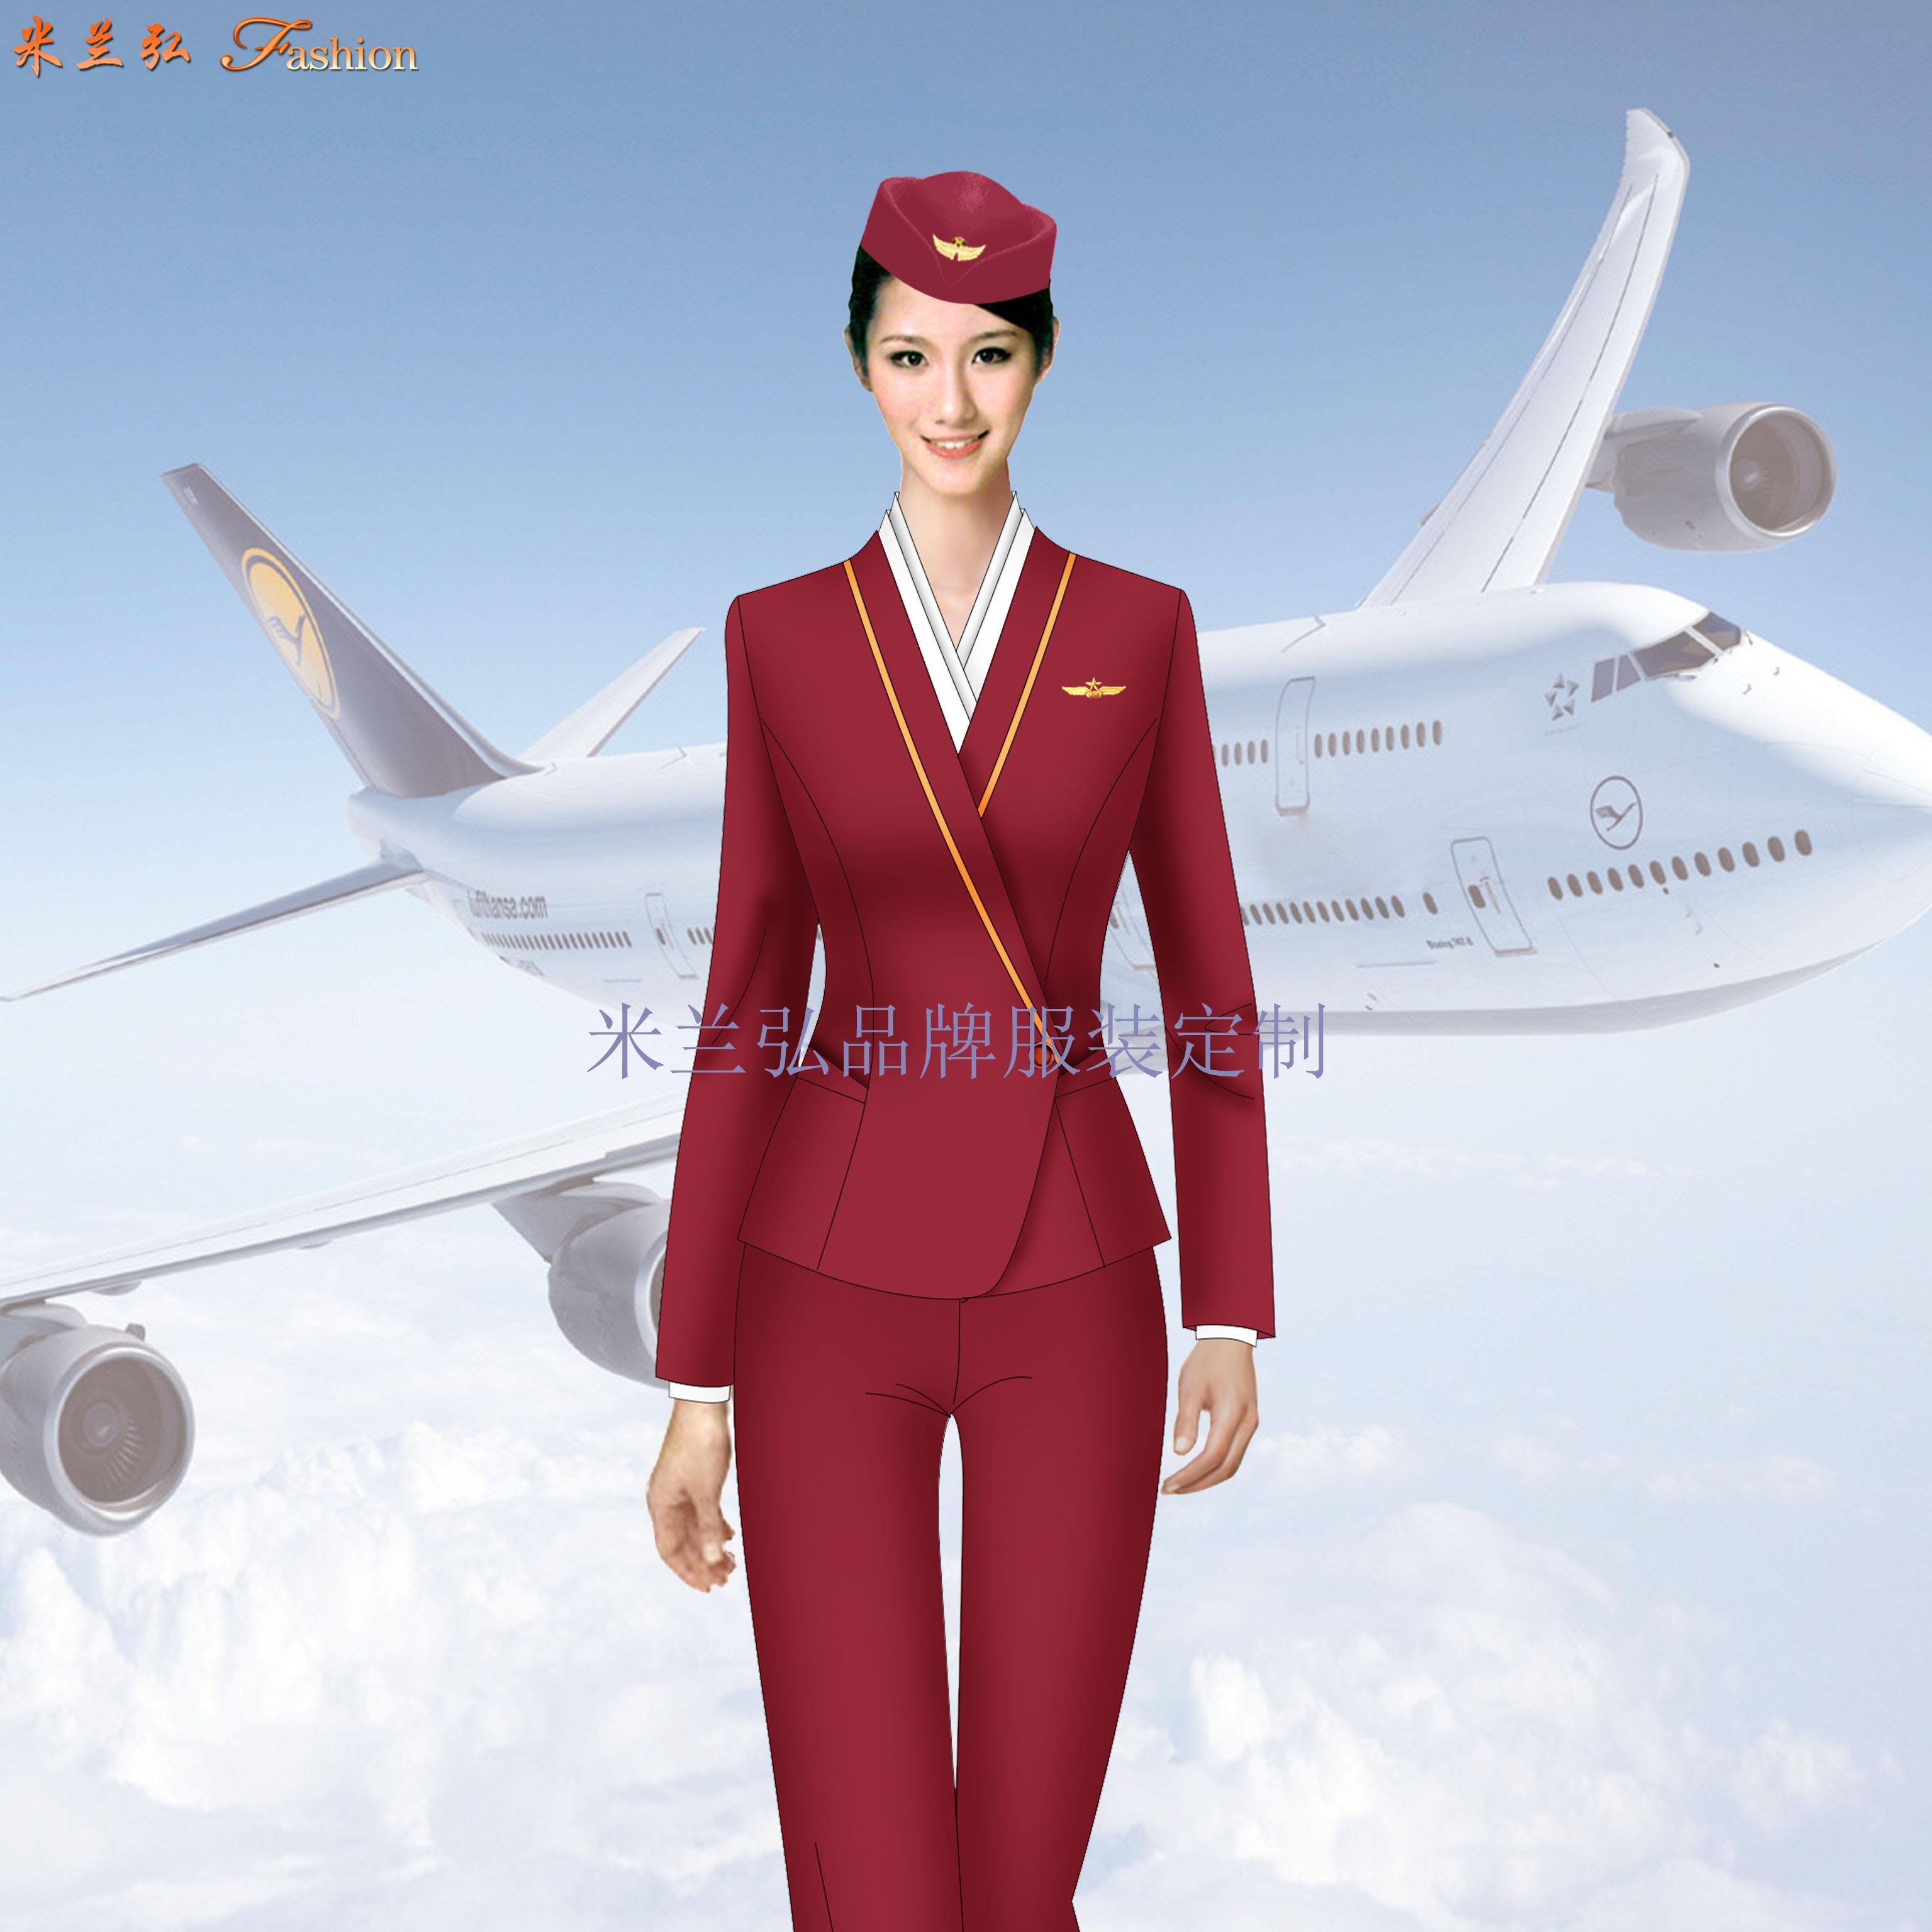 江蘇南京祿口國際機場地勤工作服定做-米蘭弘服裝廠家-2